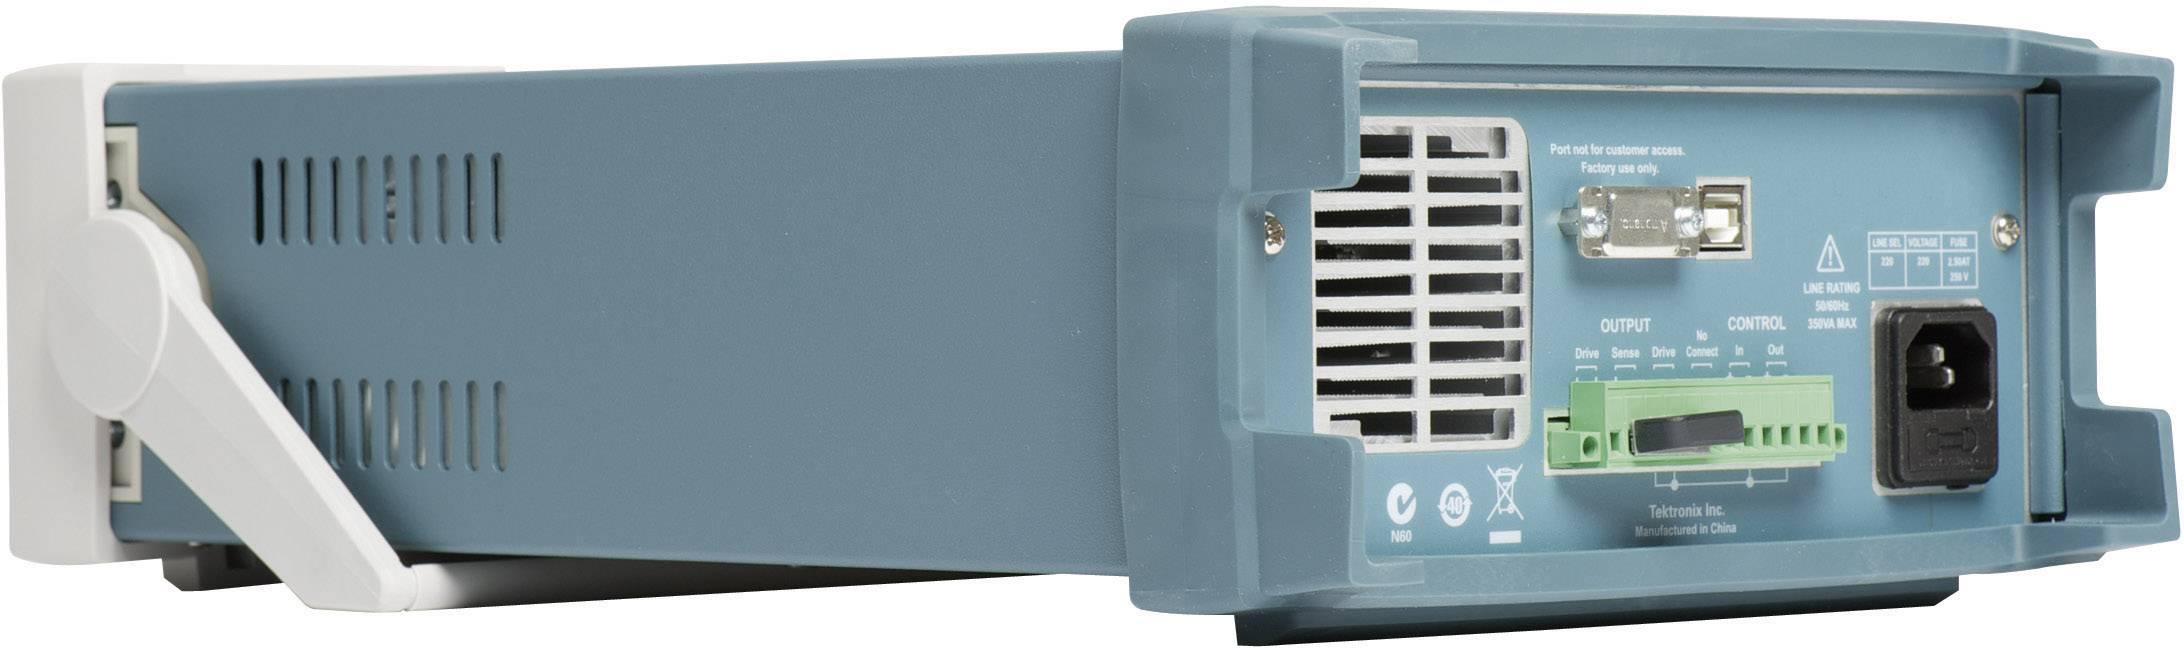 Programovatelný laboratorní síťový zdroj Tektronix PWS4602, 0 - 60 V/DC, 0 - 2,5 A, 150 W